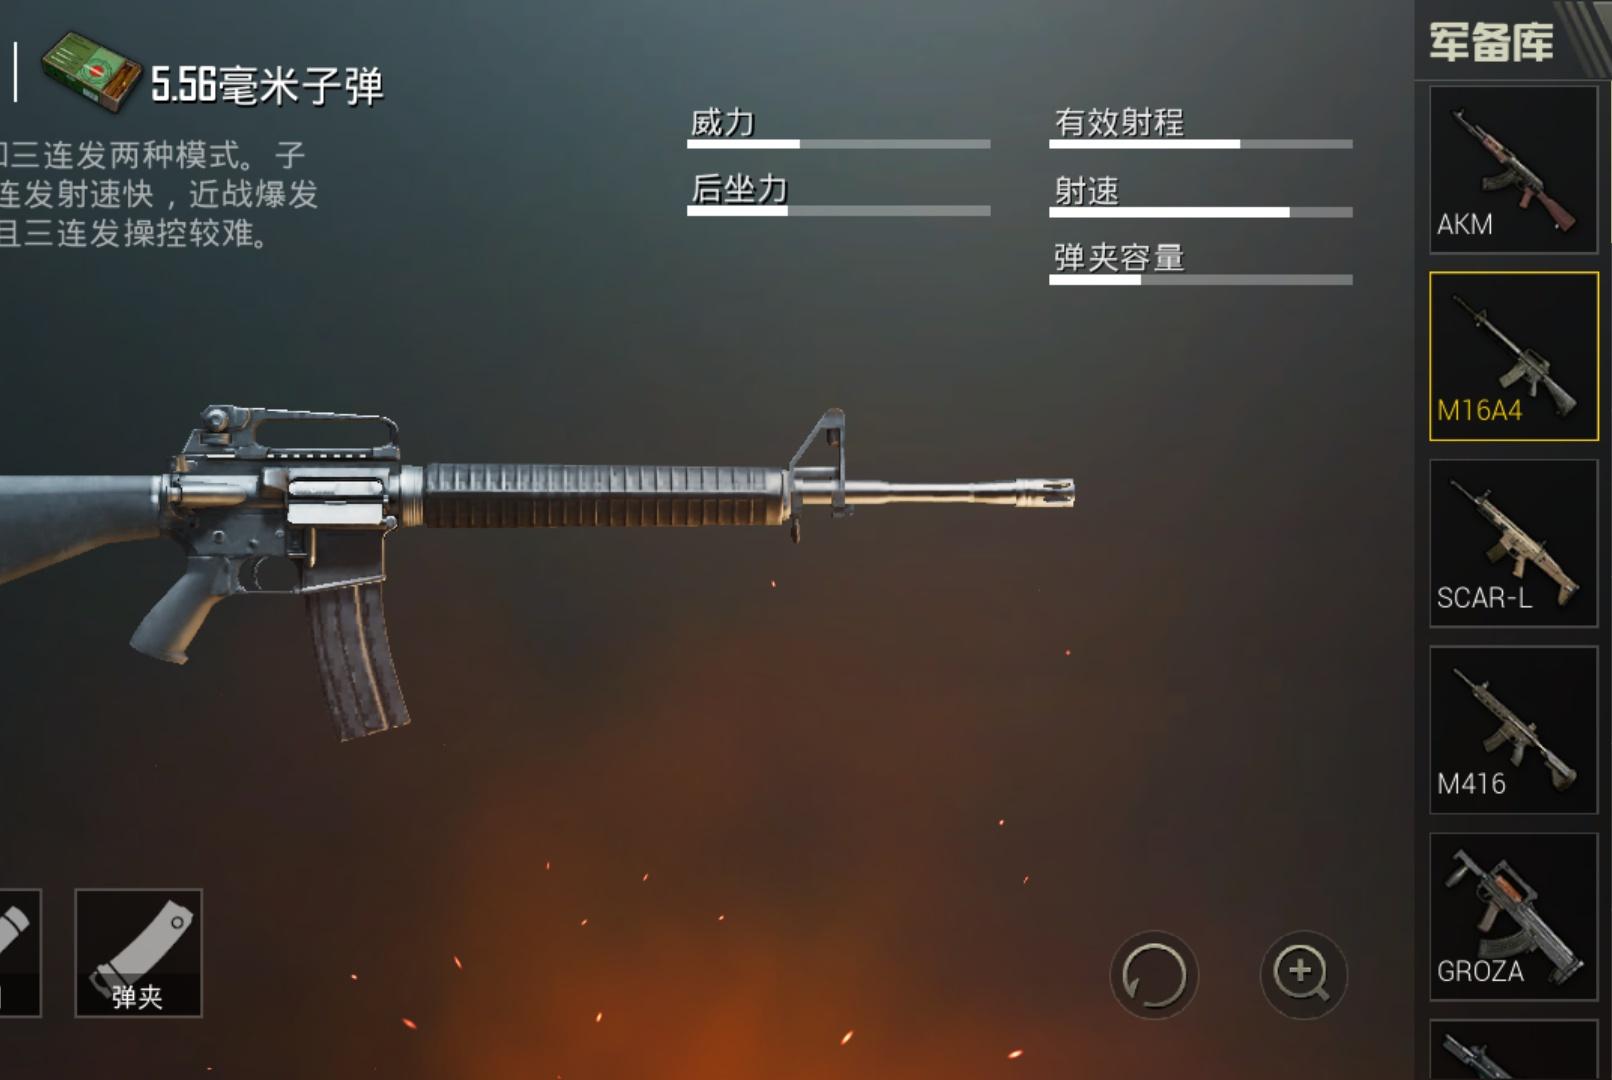 十二星座《刺激战场》专属步枪,第一把威力大,最后一把呲水枪!